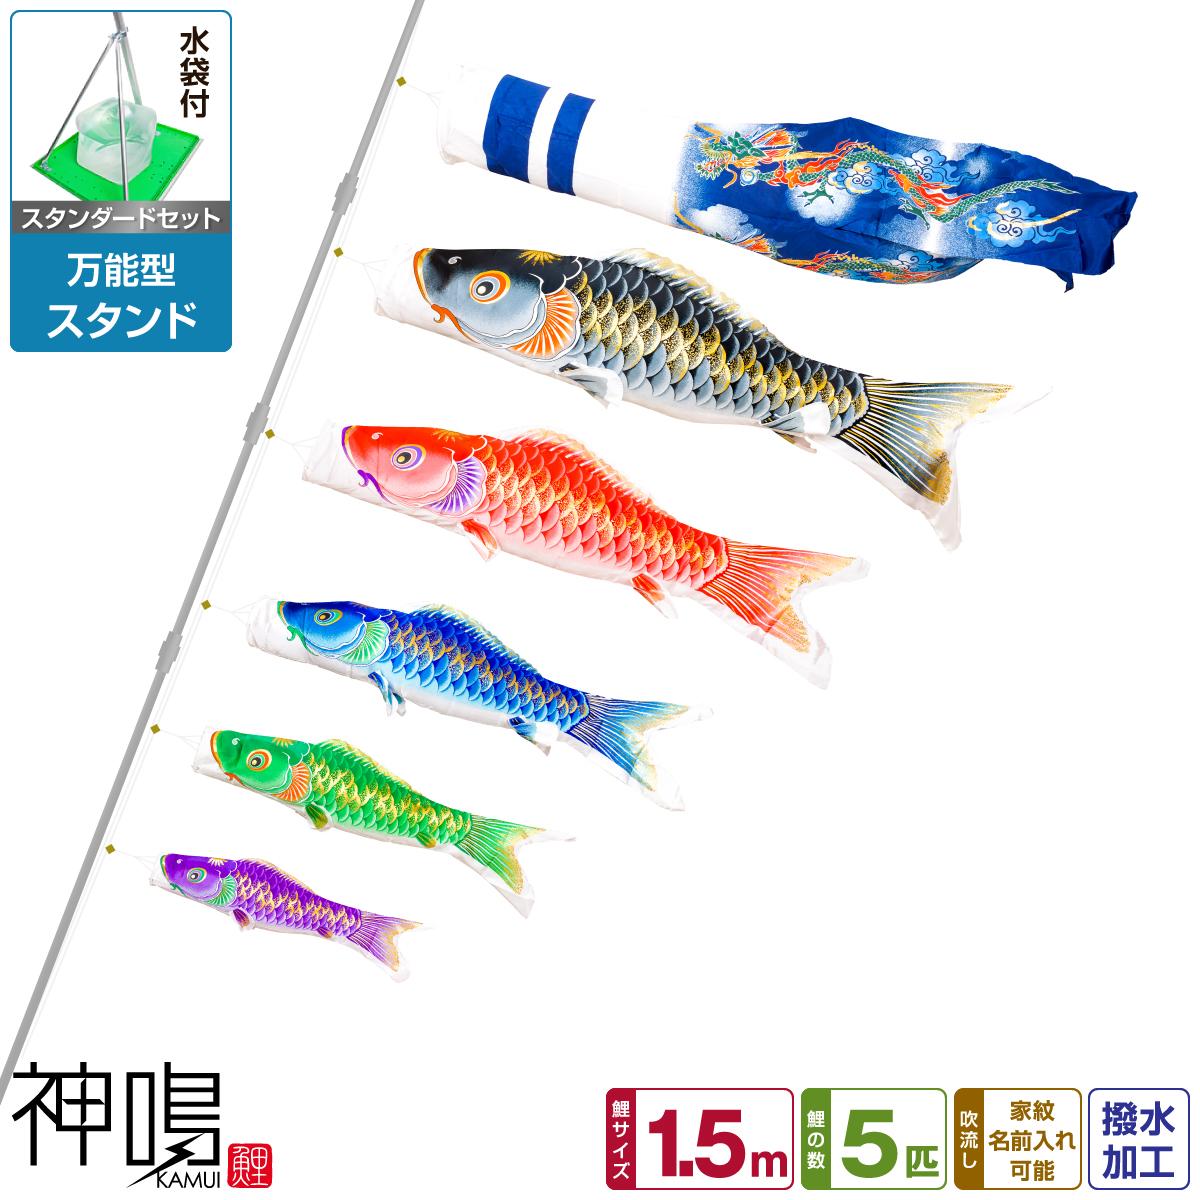 鯉のぼり ベランダ/庭/兼用 神鳴鯉-KAMUI- 1.5m 8点(吹流し+鯉5匹+矢車+ロープ)/スタンダードセット(万能スタンド)